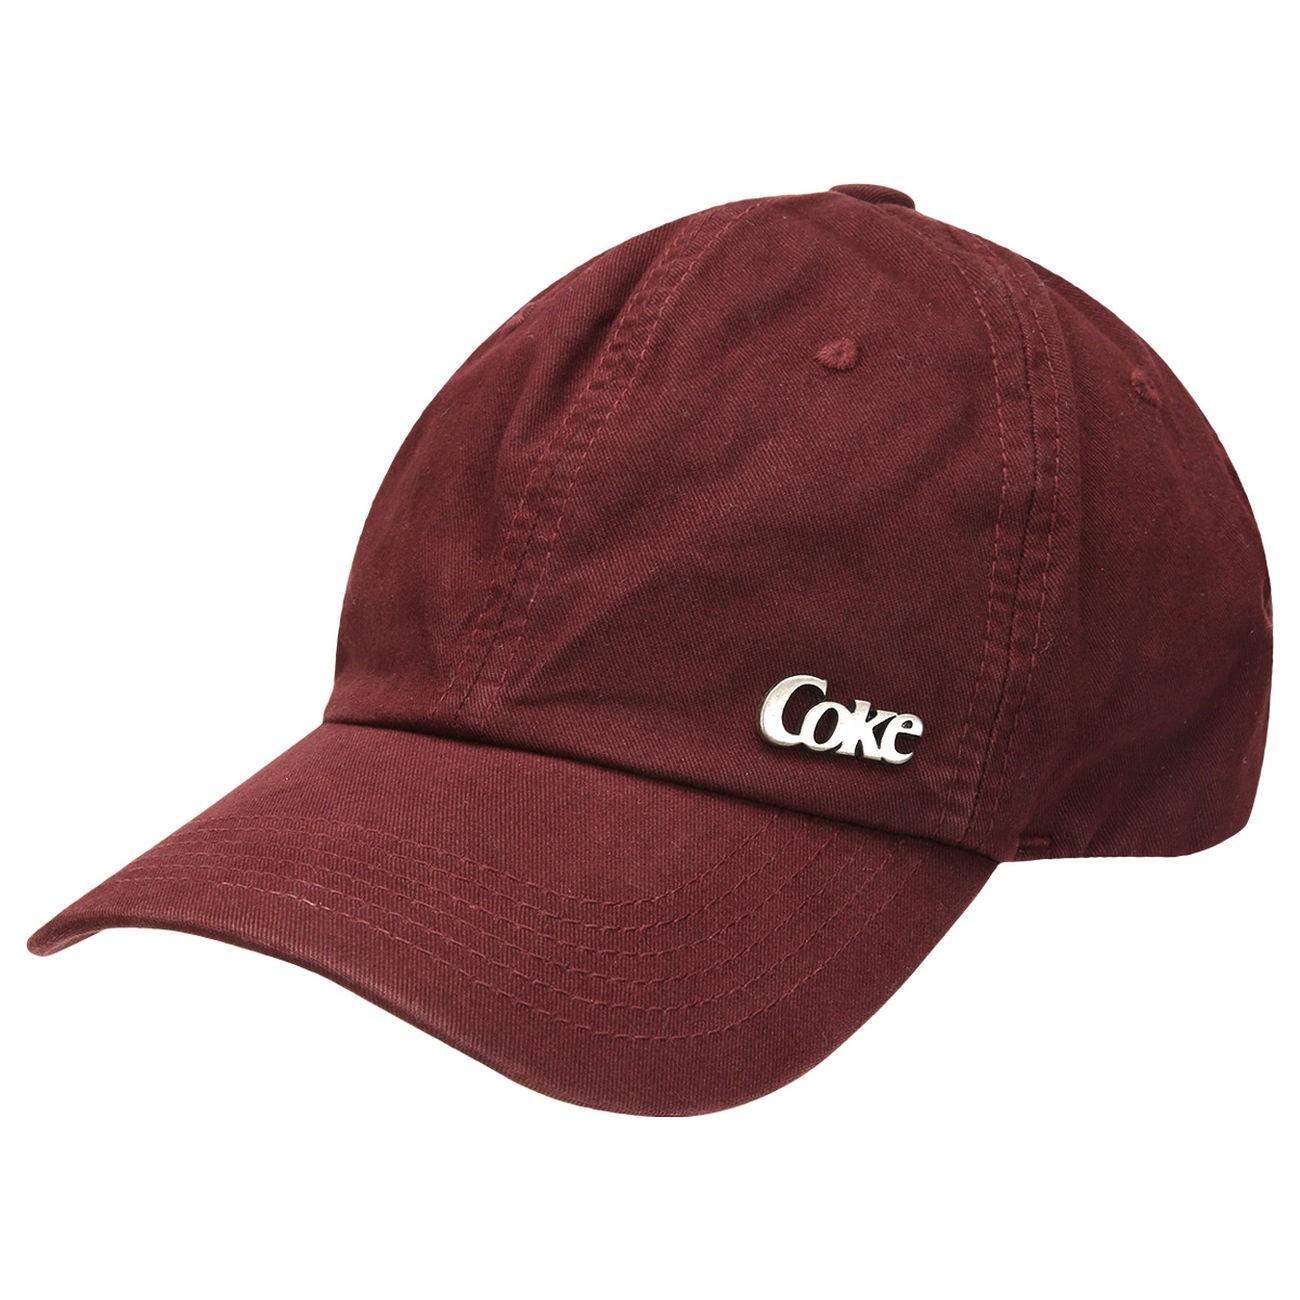 Boné Coca-Cola Coke Metal Frente Esquerda Multicores